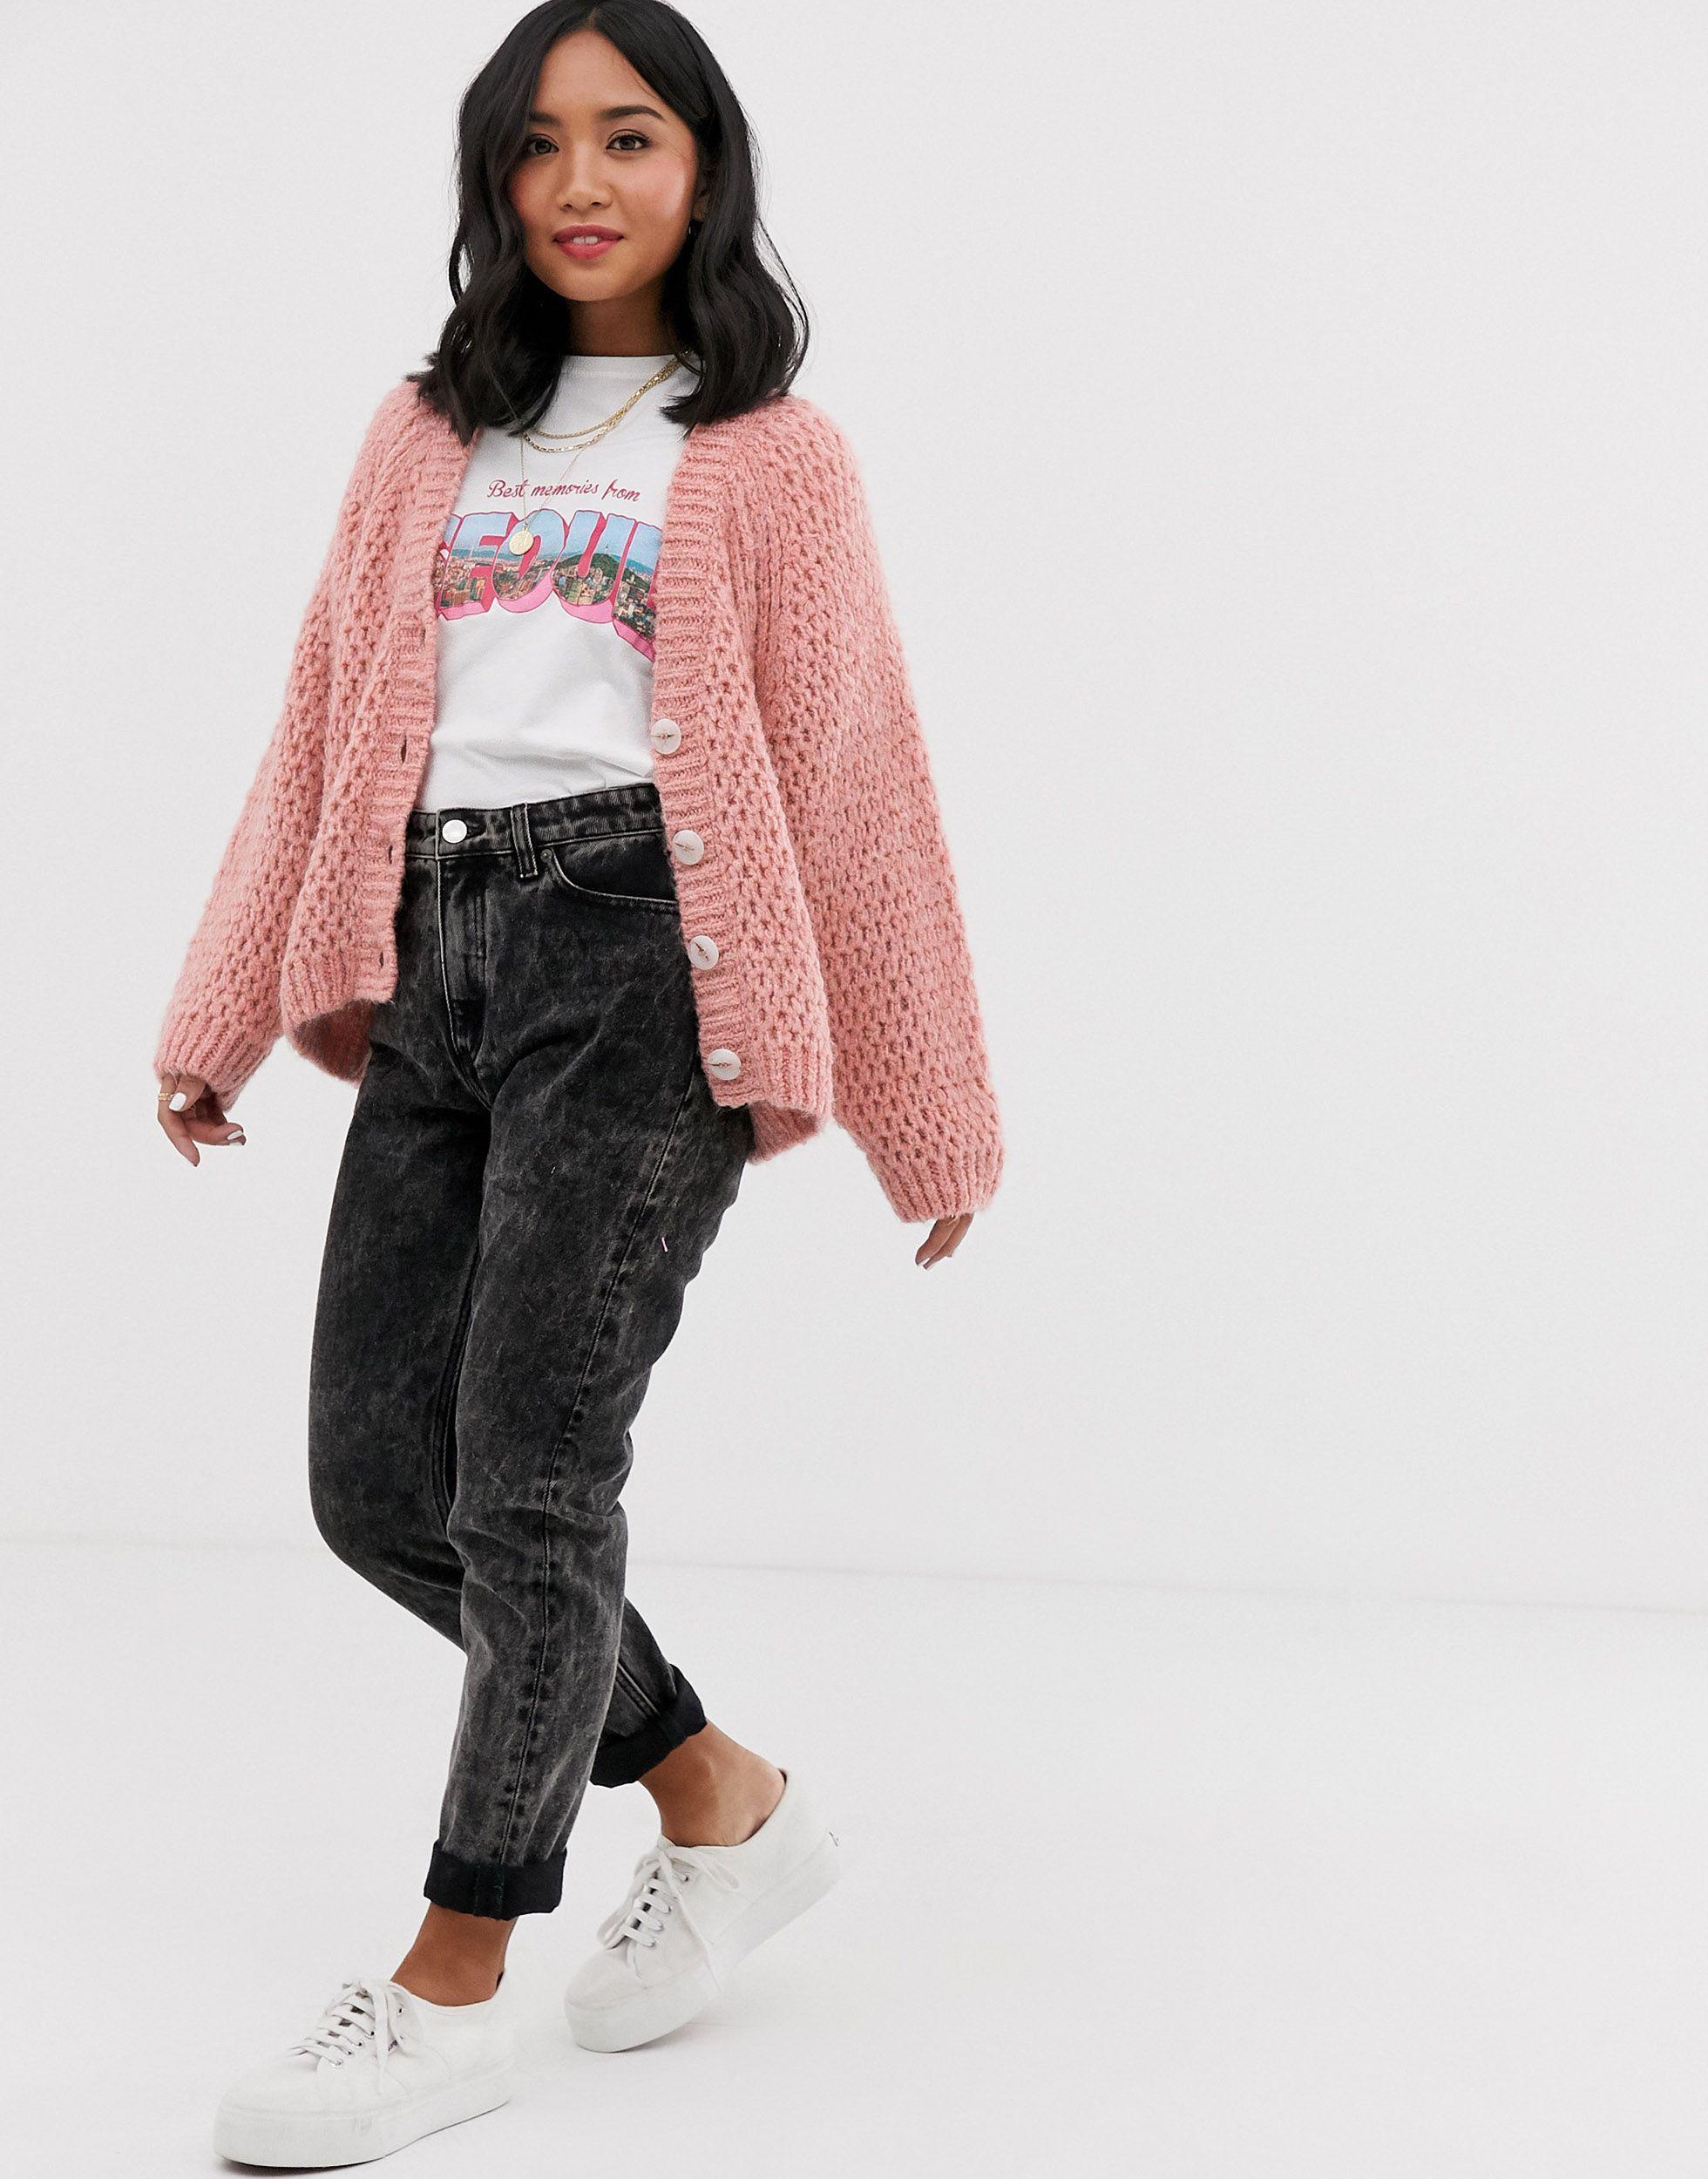 ASOS DESIGN Petite - Cardigan gaufré à manches volumineuses Synthétique ASOS en coloris Rose